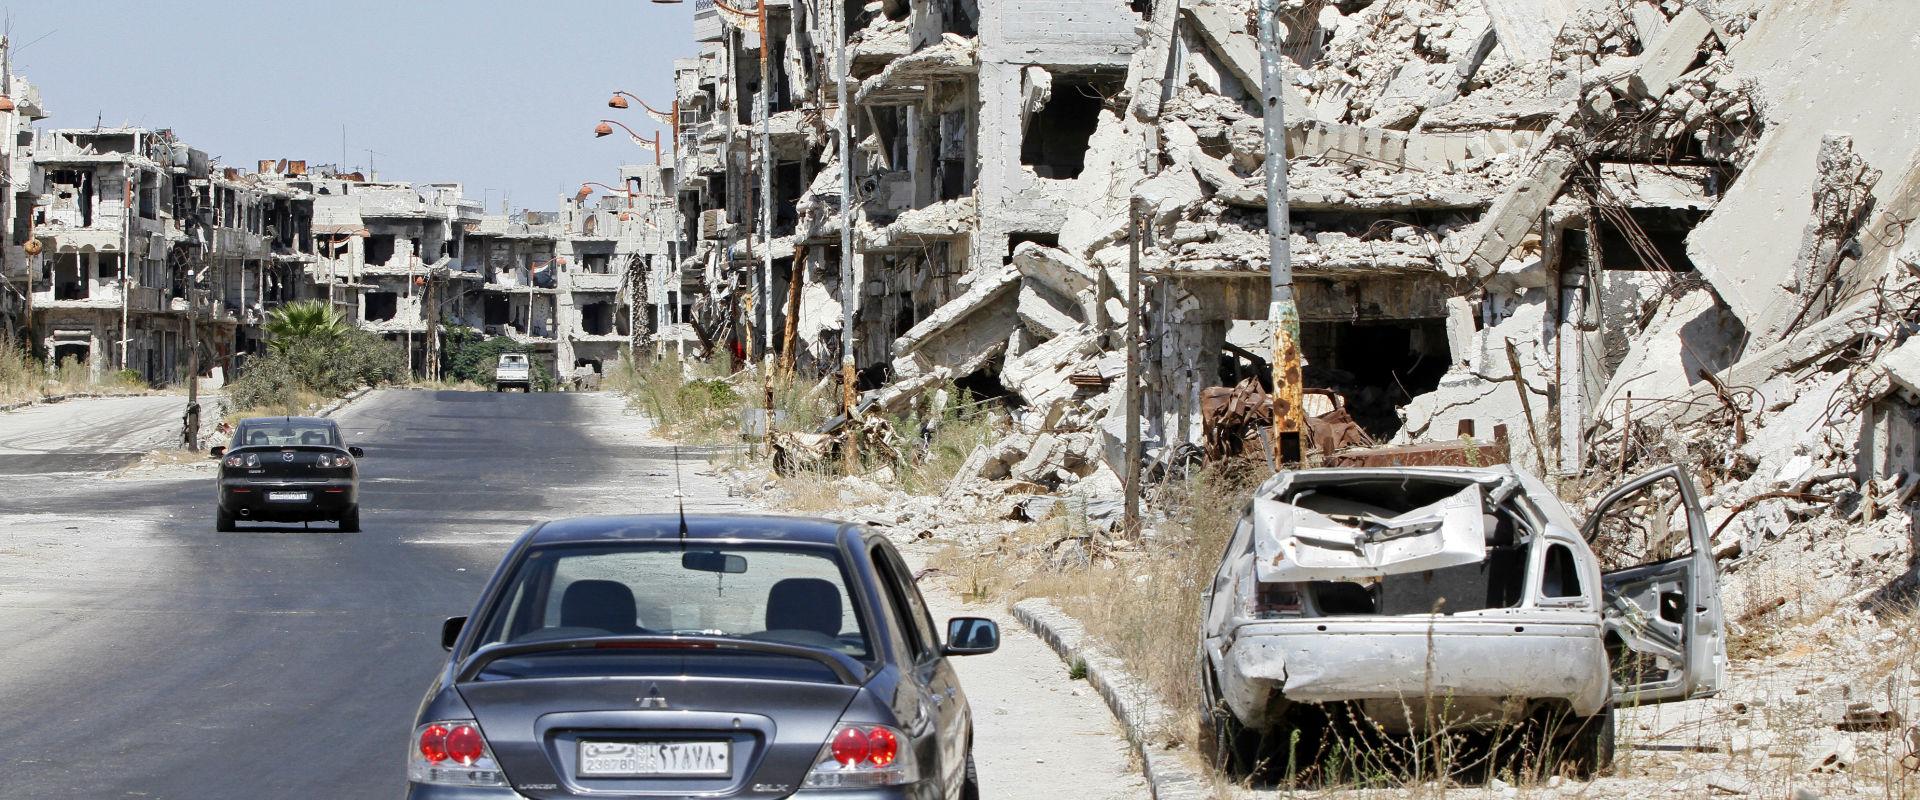 הרס בעיר חומס שבסוריה